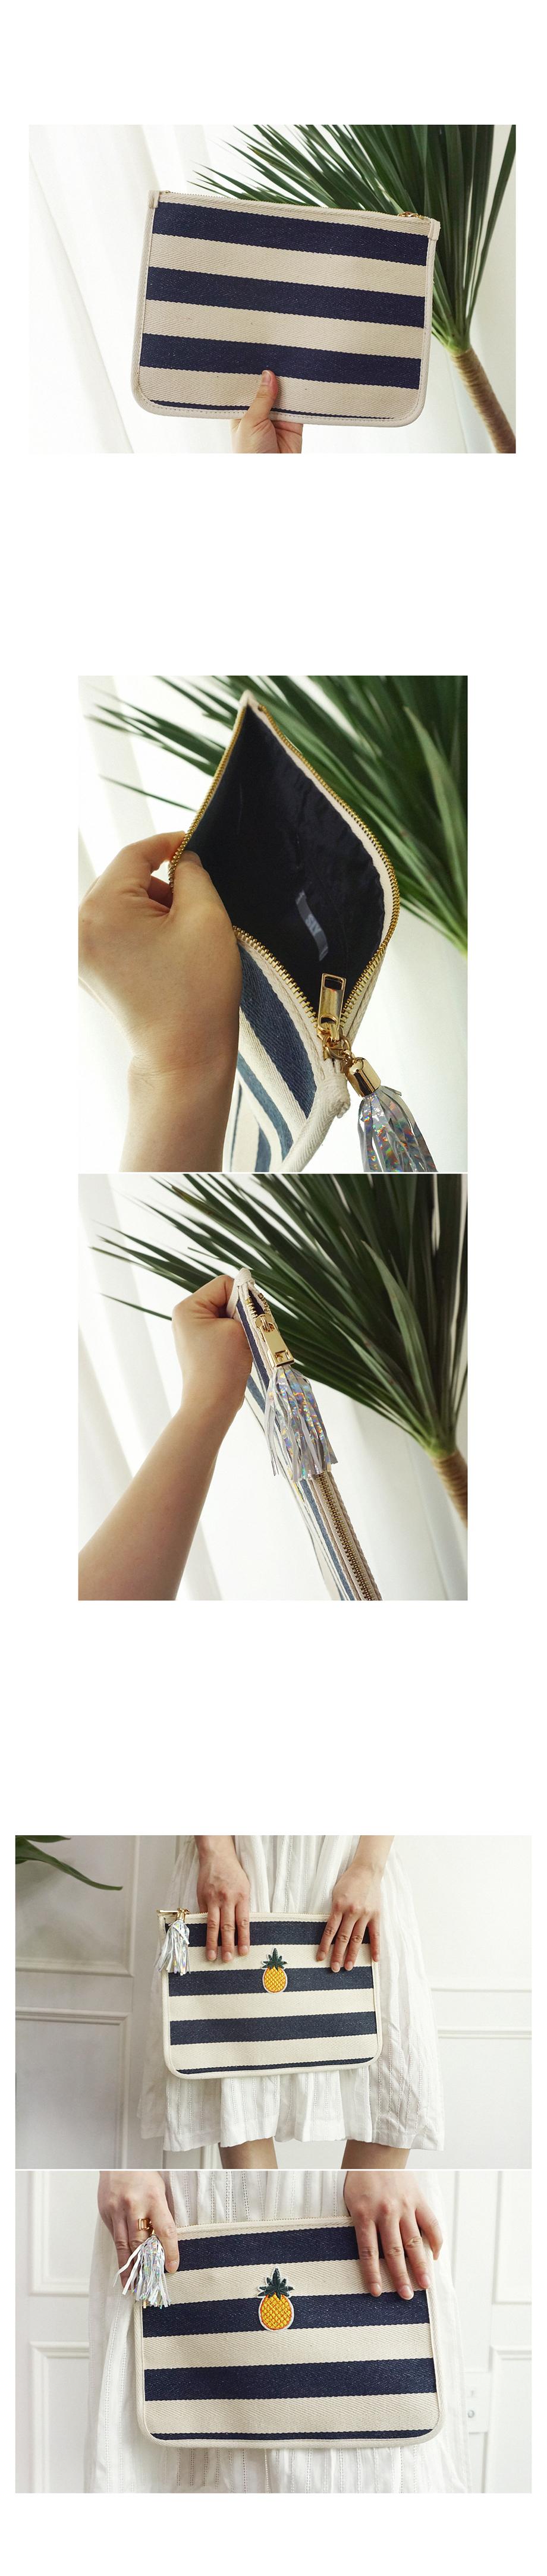 스트라이프 파인애플 자수 태슬 클러치백 - 앞머리, 26,500원, 클러치백, 패브릭클러치백